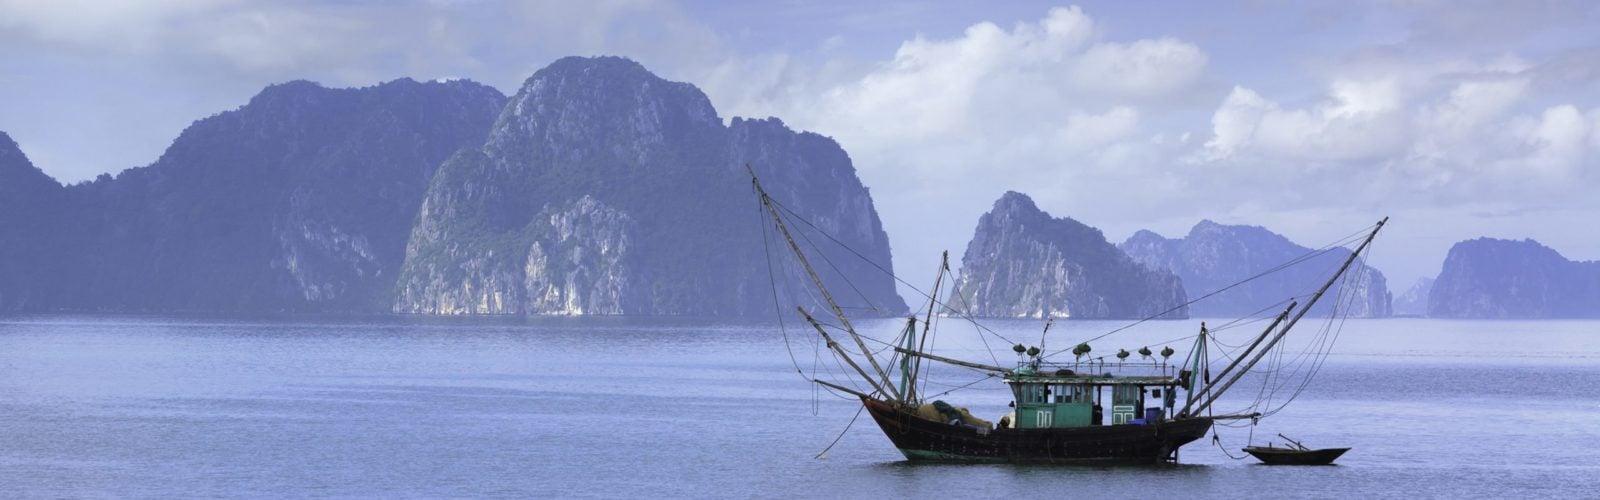 halong-bay-fishing-boat